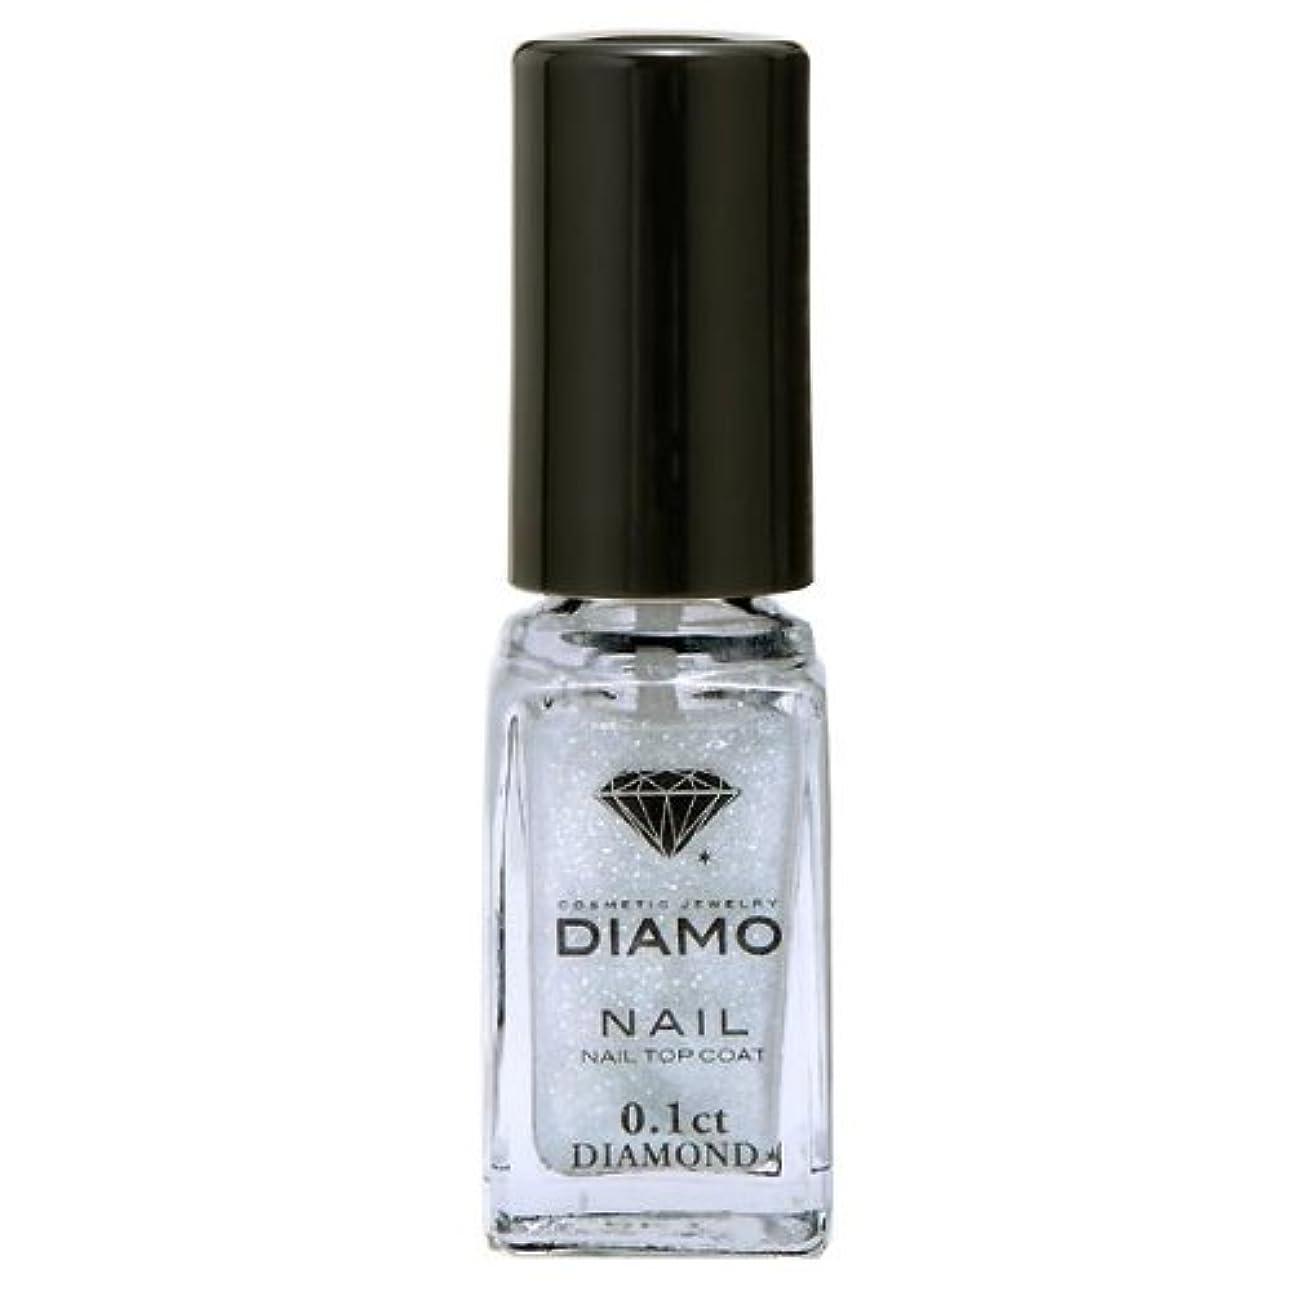 デマンドジャム専門化するDIAMO(ディアモ) ネイル トップコート 5ml